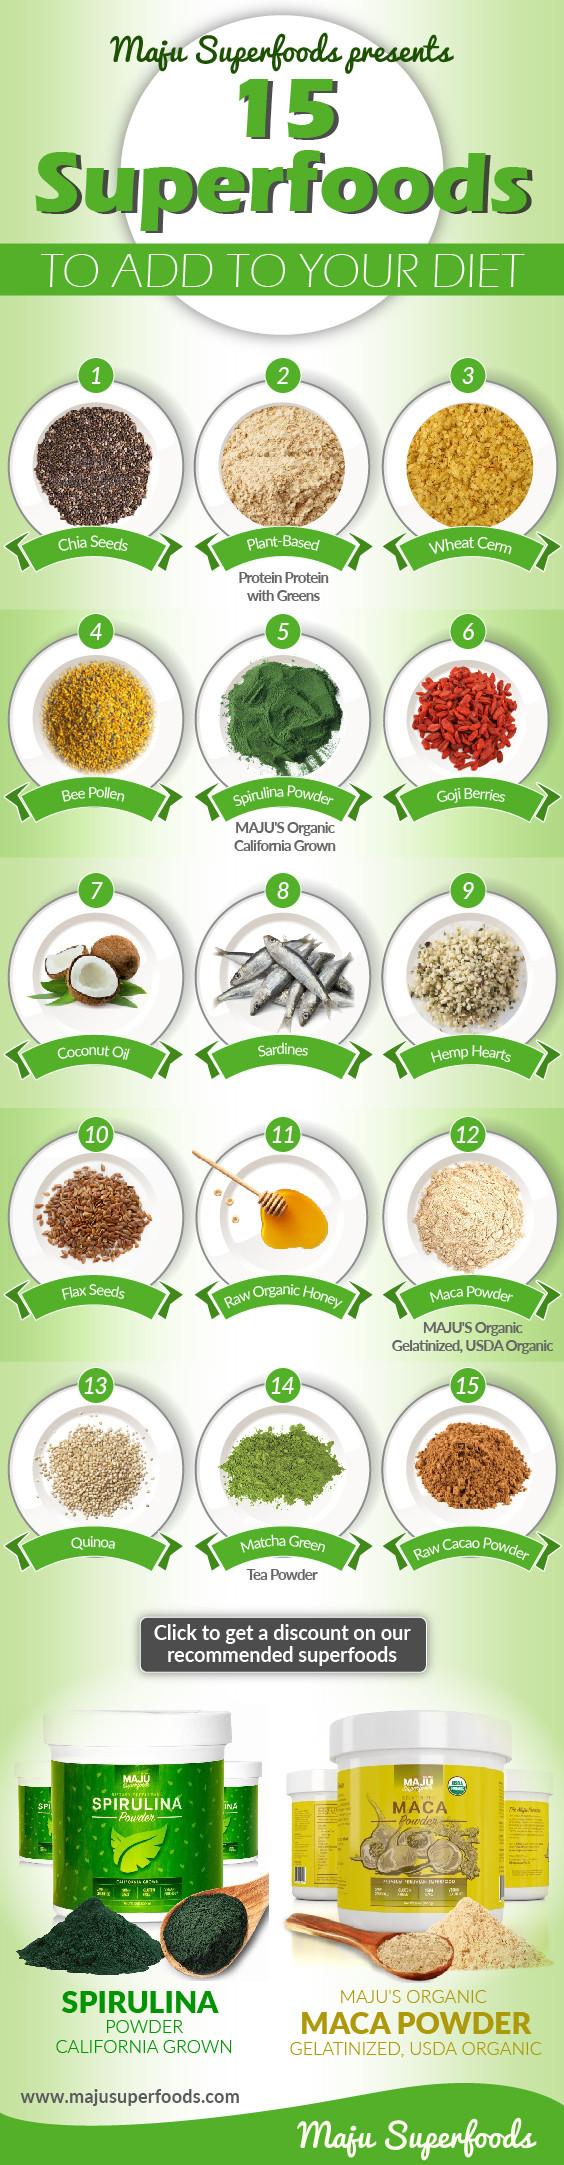 15 Super Food